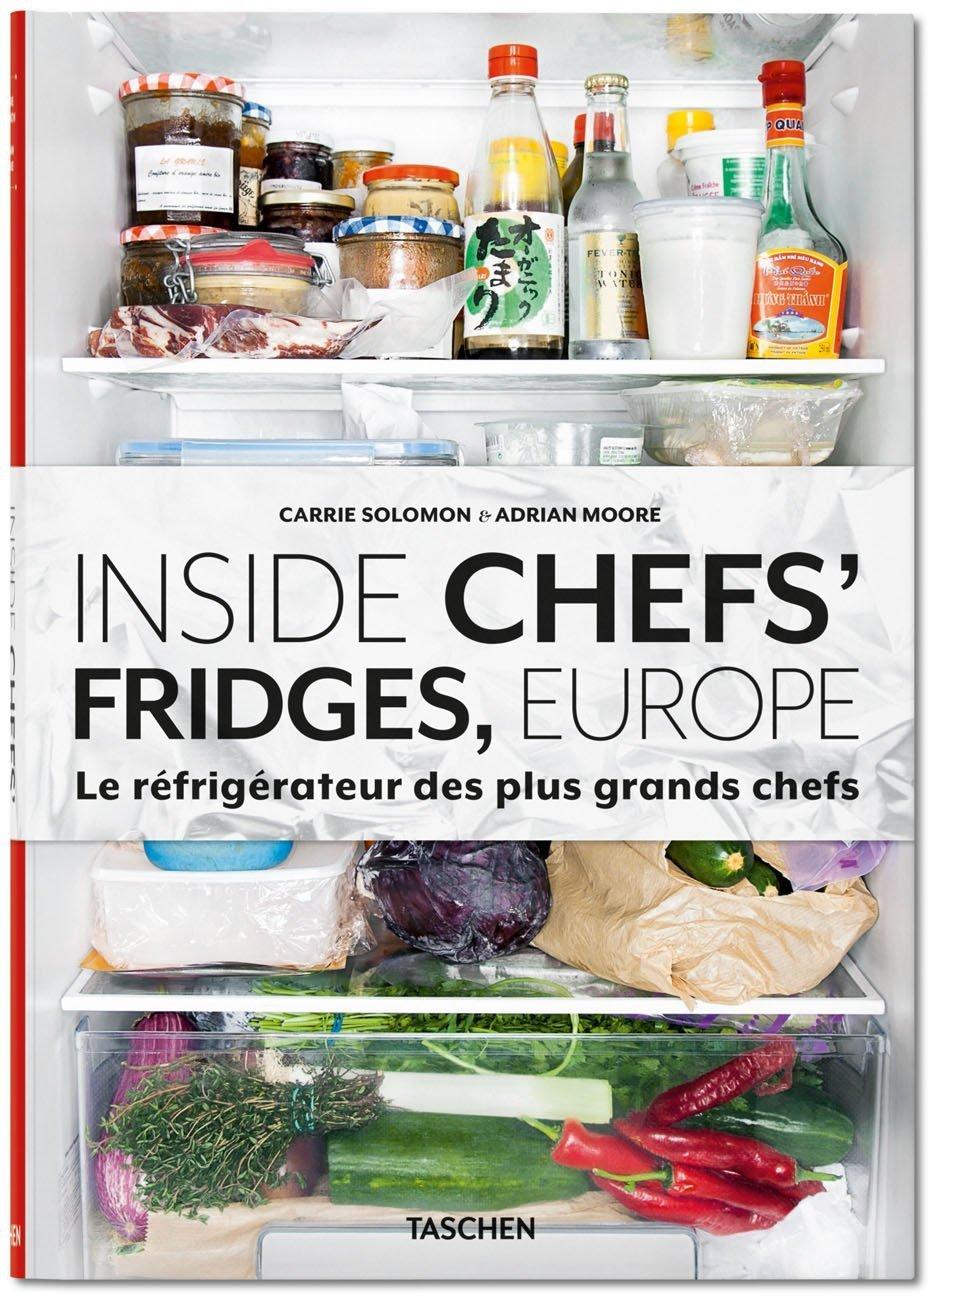 frigo chefs